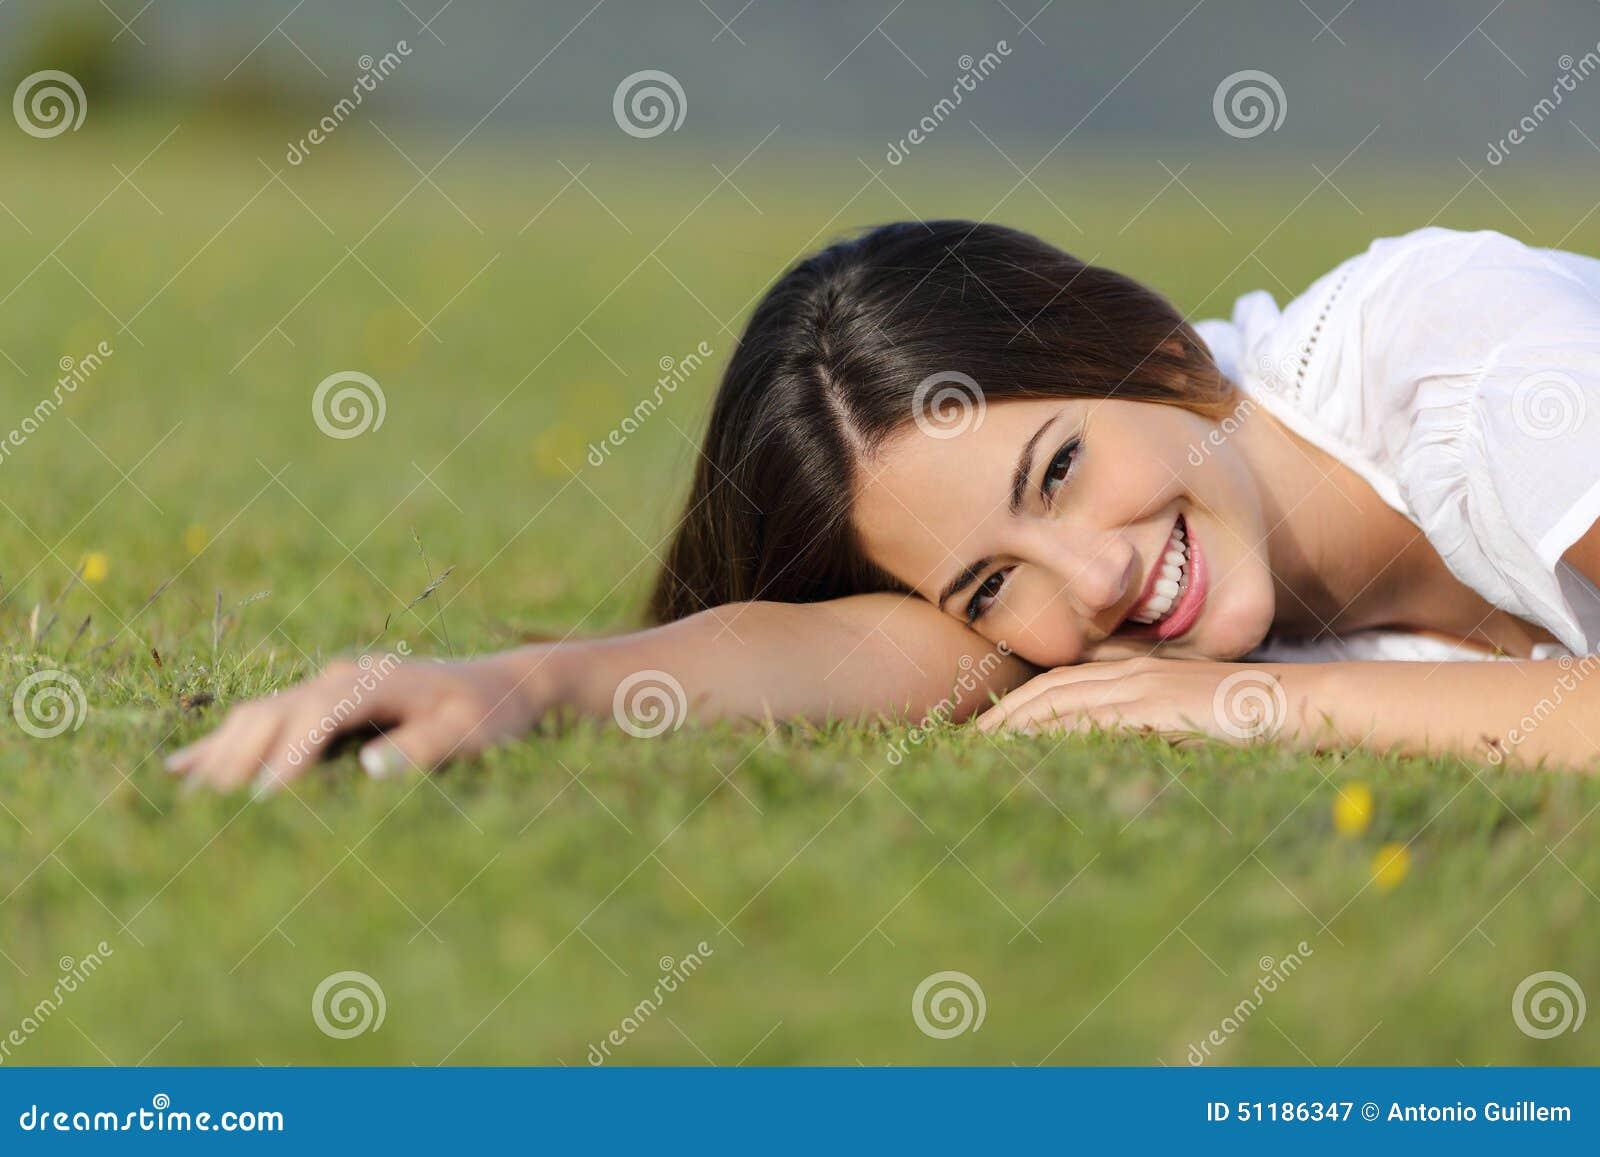 39c1767585 Glückliche Frau, die betrachtet Kamera lächelt und stillsteht entspannt auf  dem Gras im Berg oder ein Park